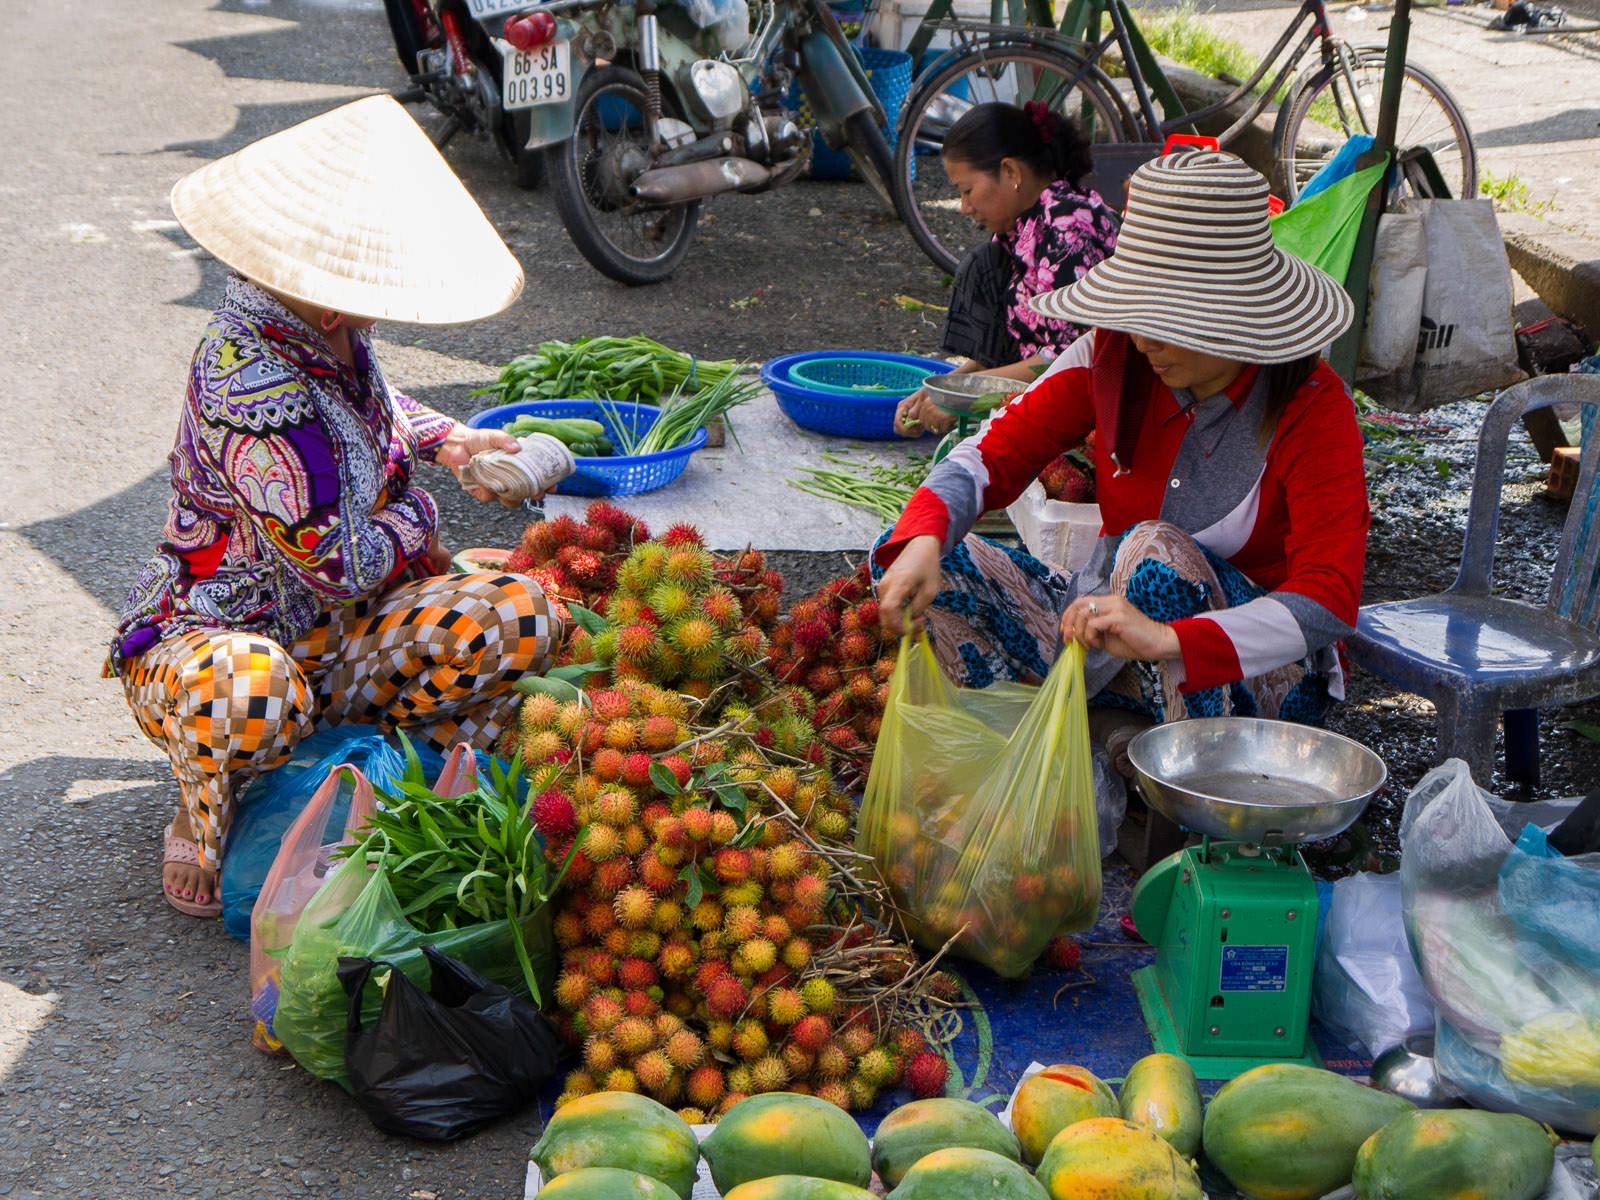 Buying rambutans